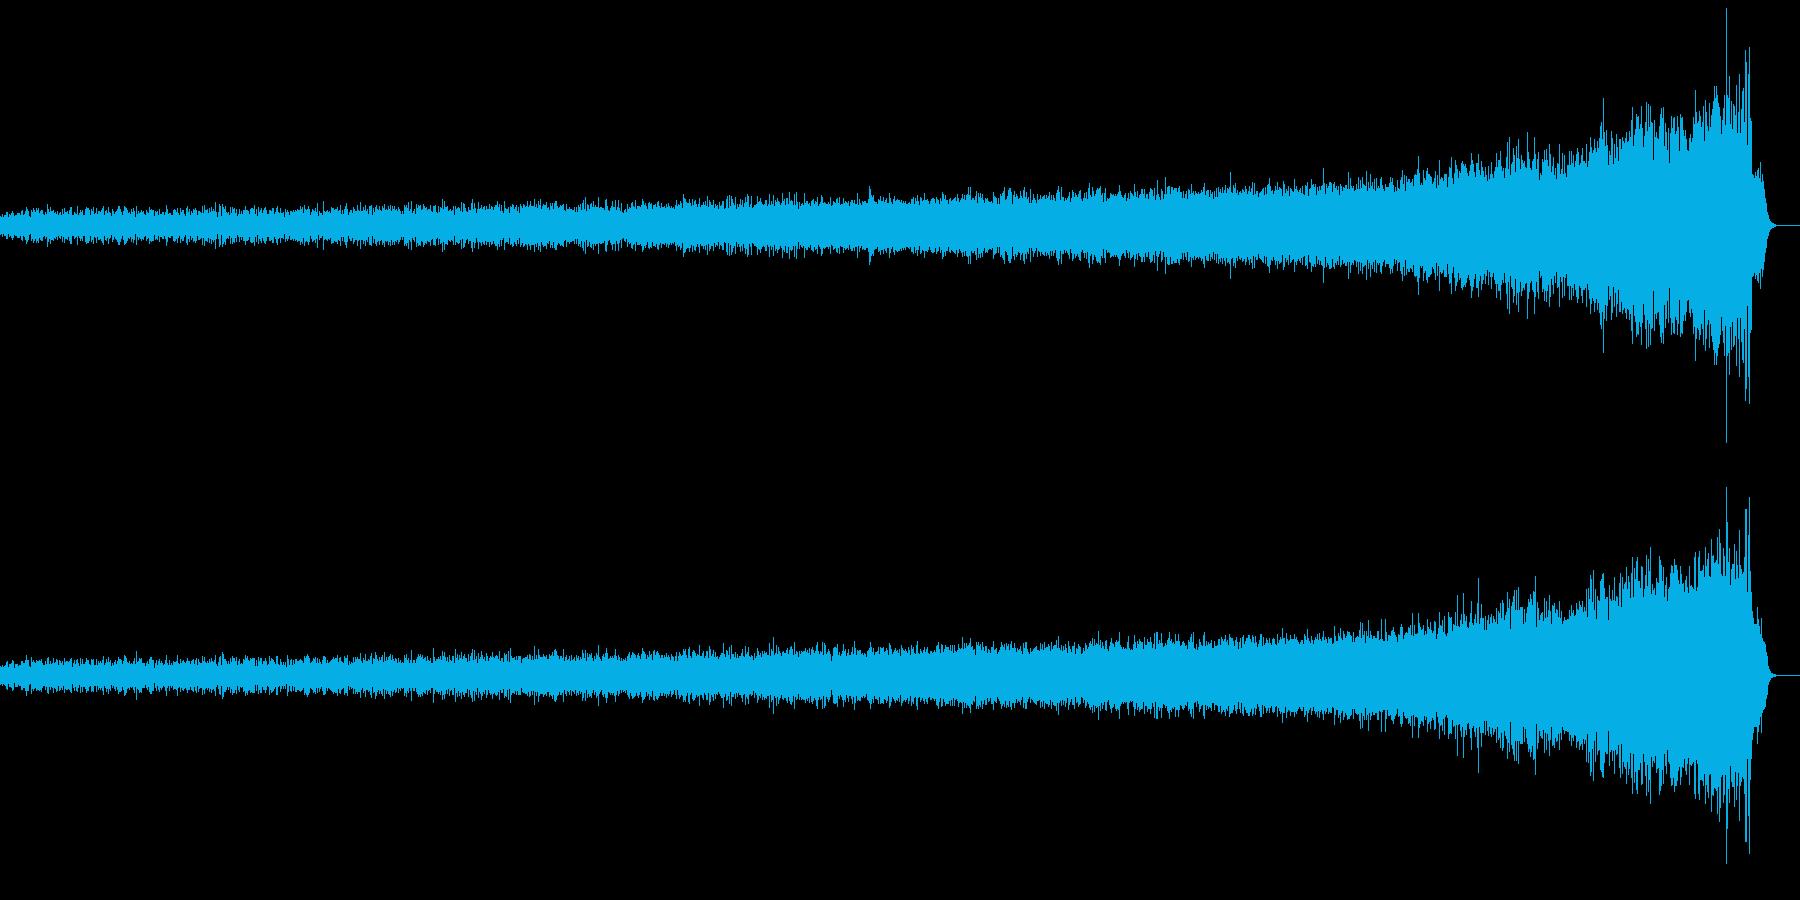 不安を煽るノイズAの再生済みの波形